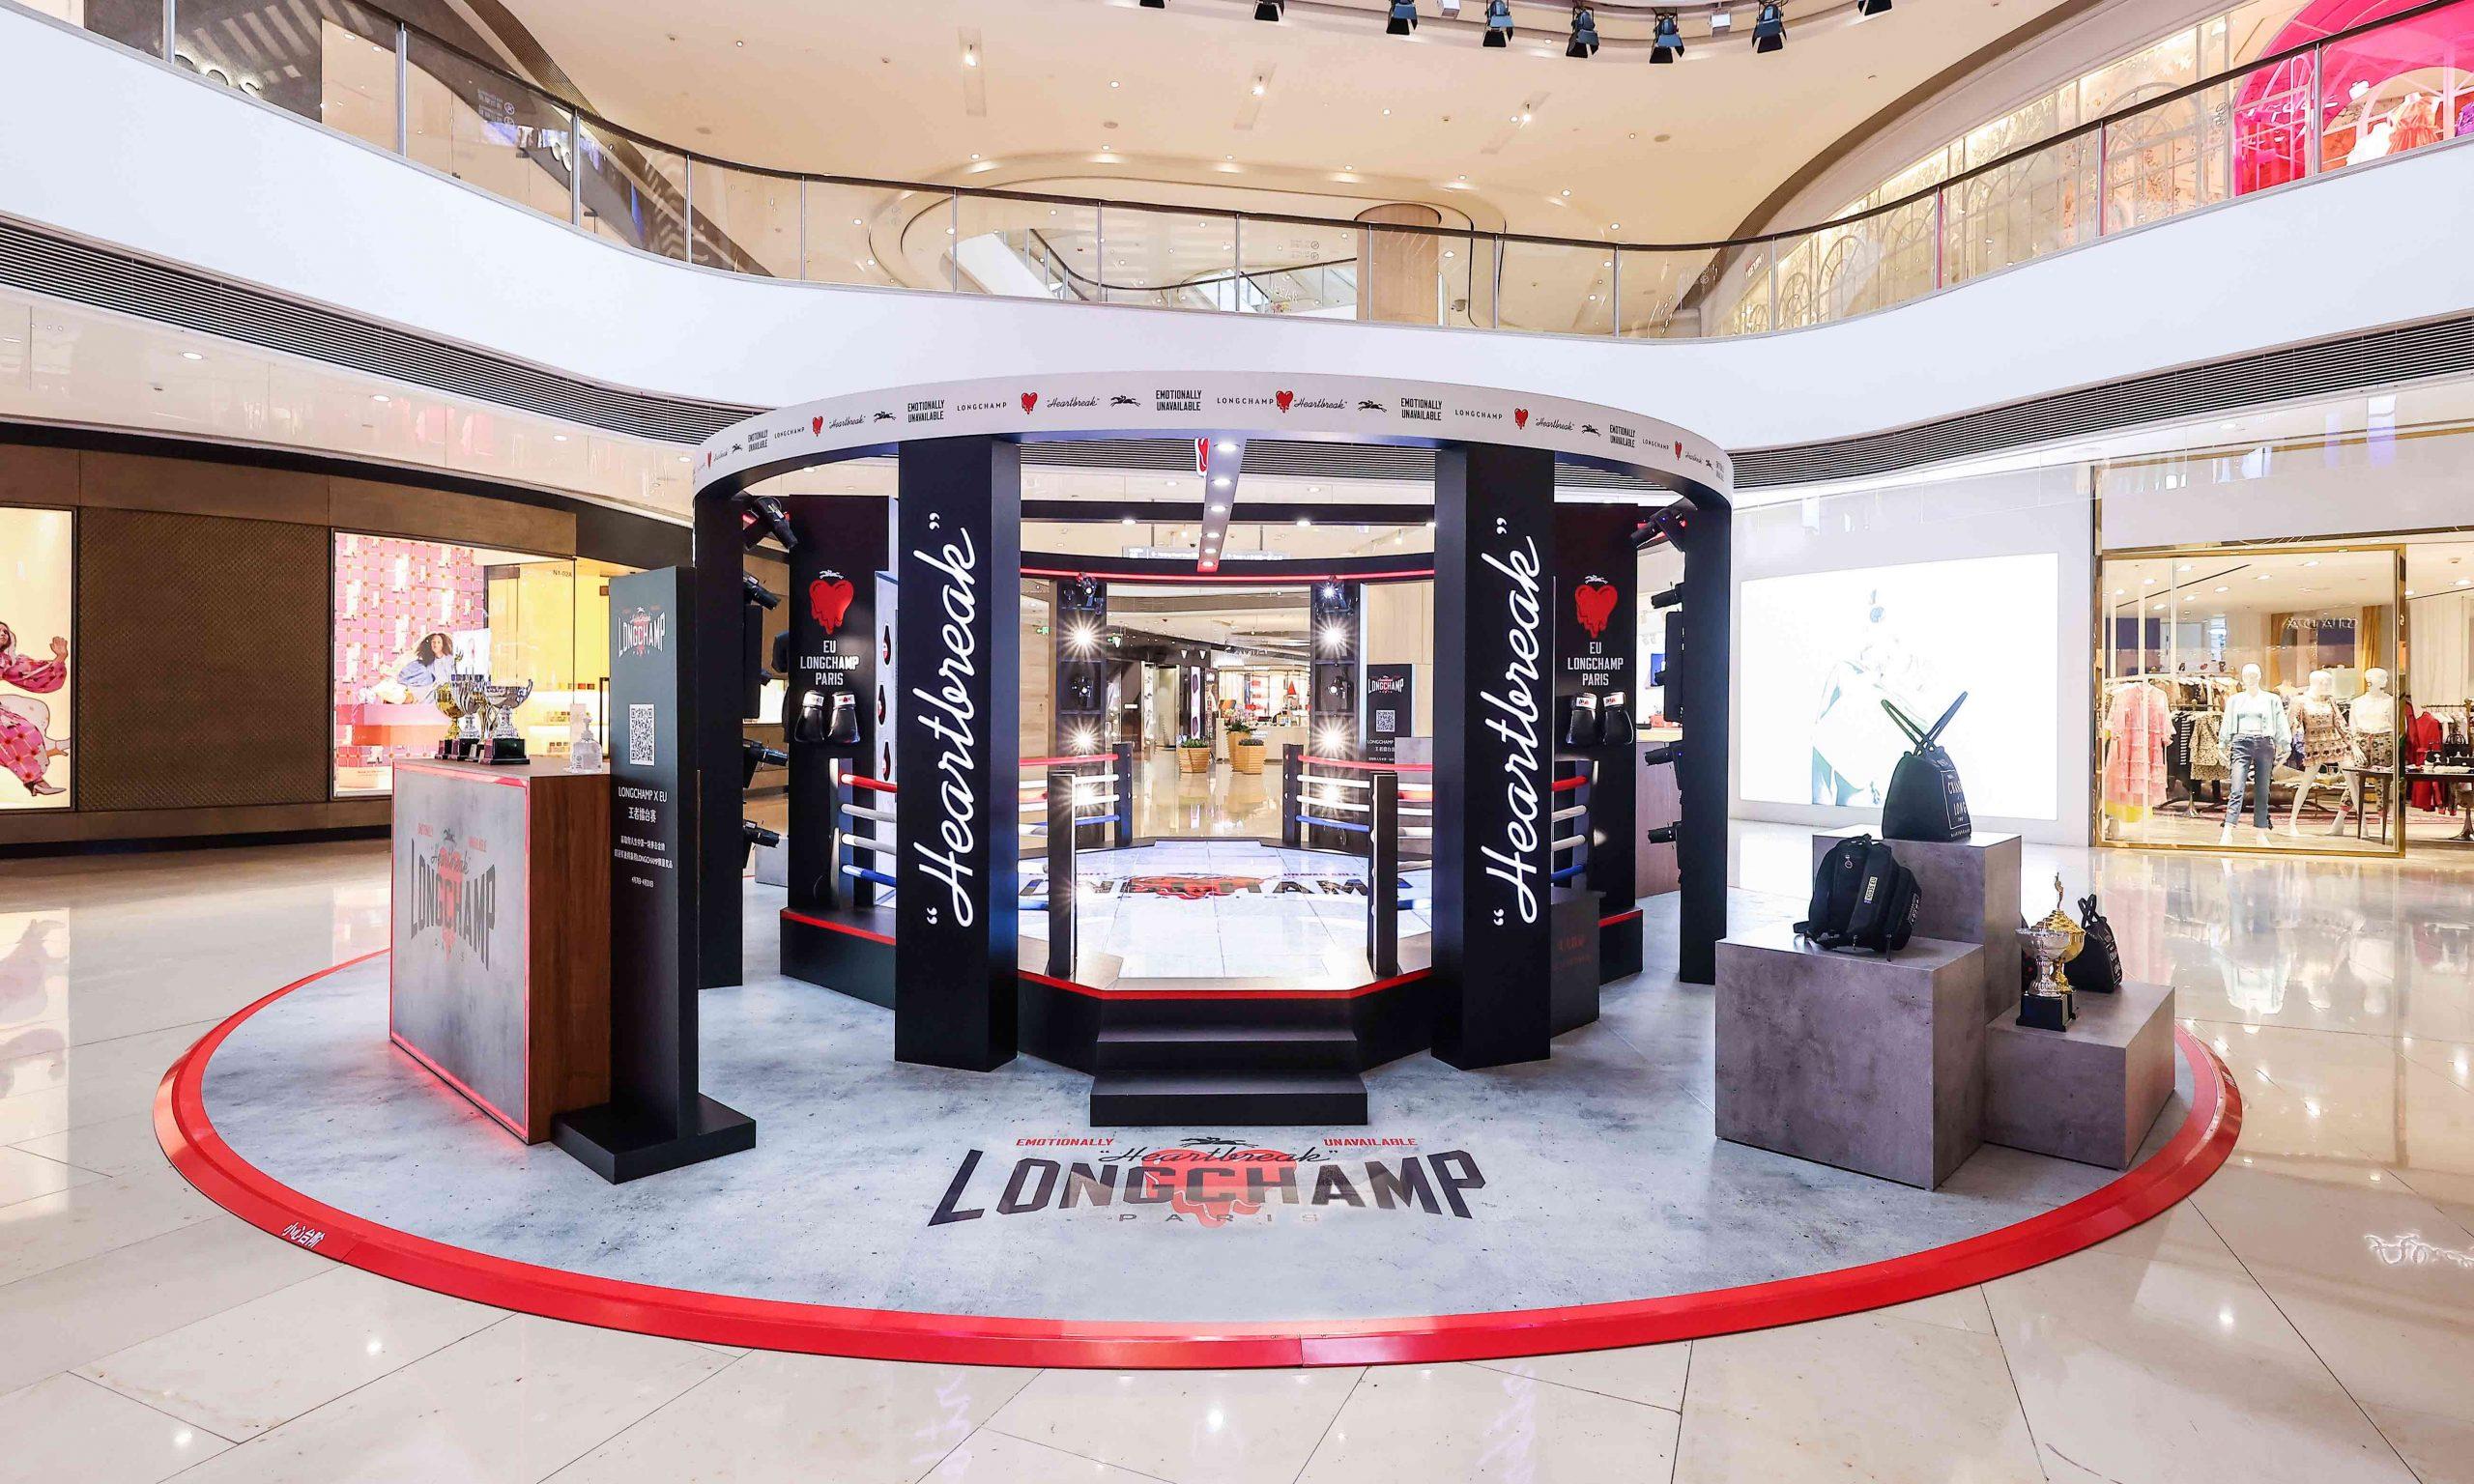 热血开战,Longchamp x EU 联名系列开启限时王者擂台